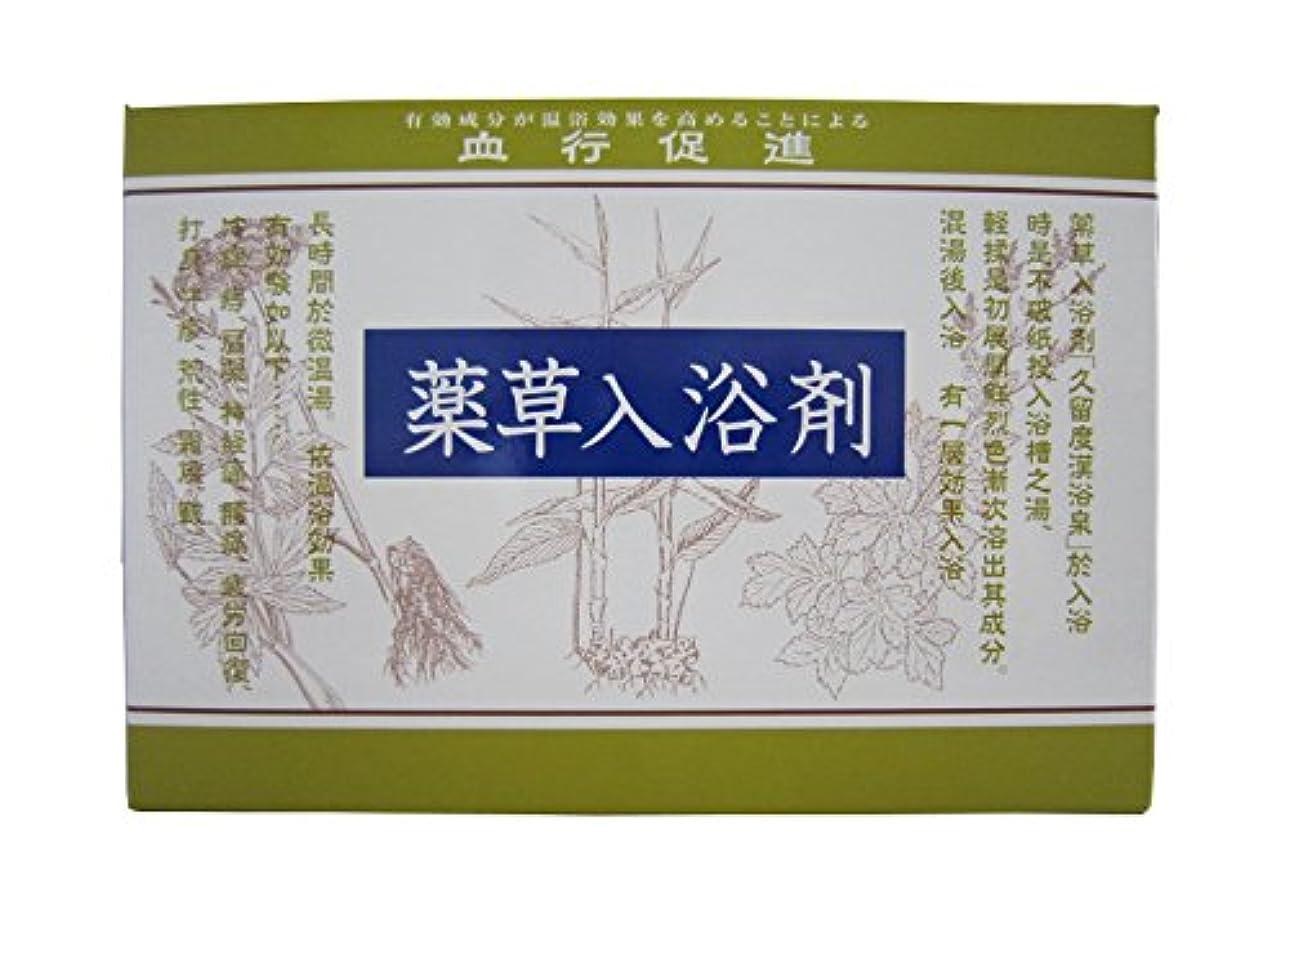 人物差別くすぐったい松田医薬品 クルード漢浴泉 23.5gX5包